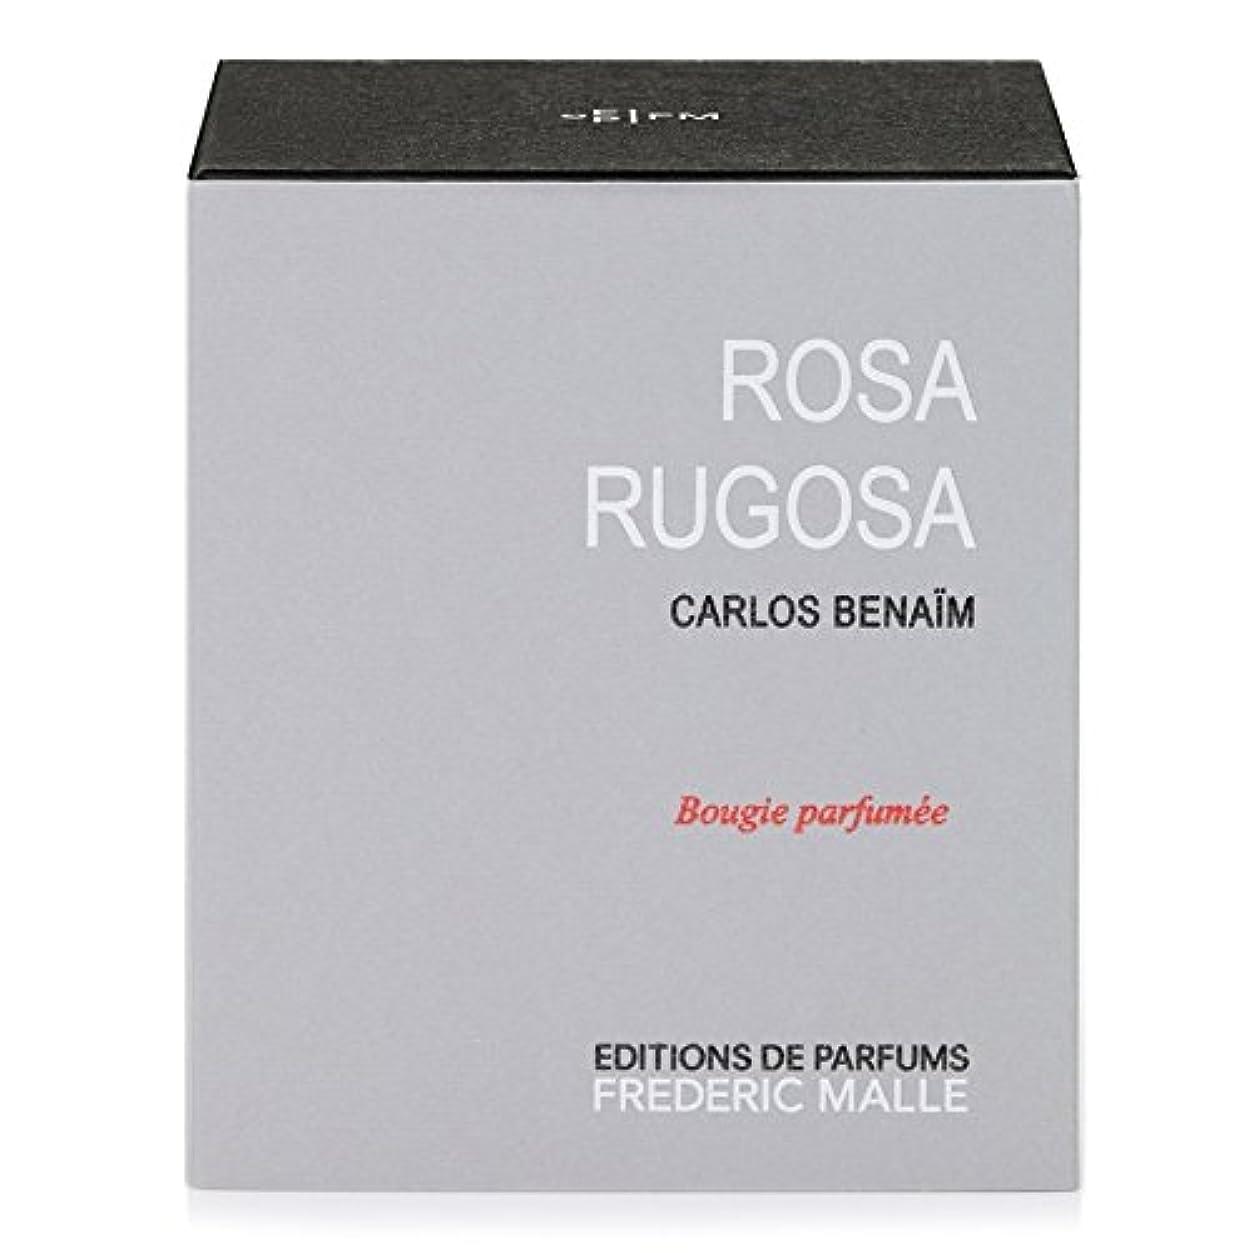 クレーター出費気絶させるFrederic Malle Rosa Rugosa Scented Candle (Pack of 2) - フレデリック?マルハマナスの香りのキャンドル x2 [並行輸入品]